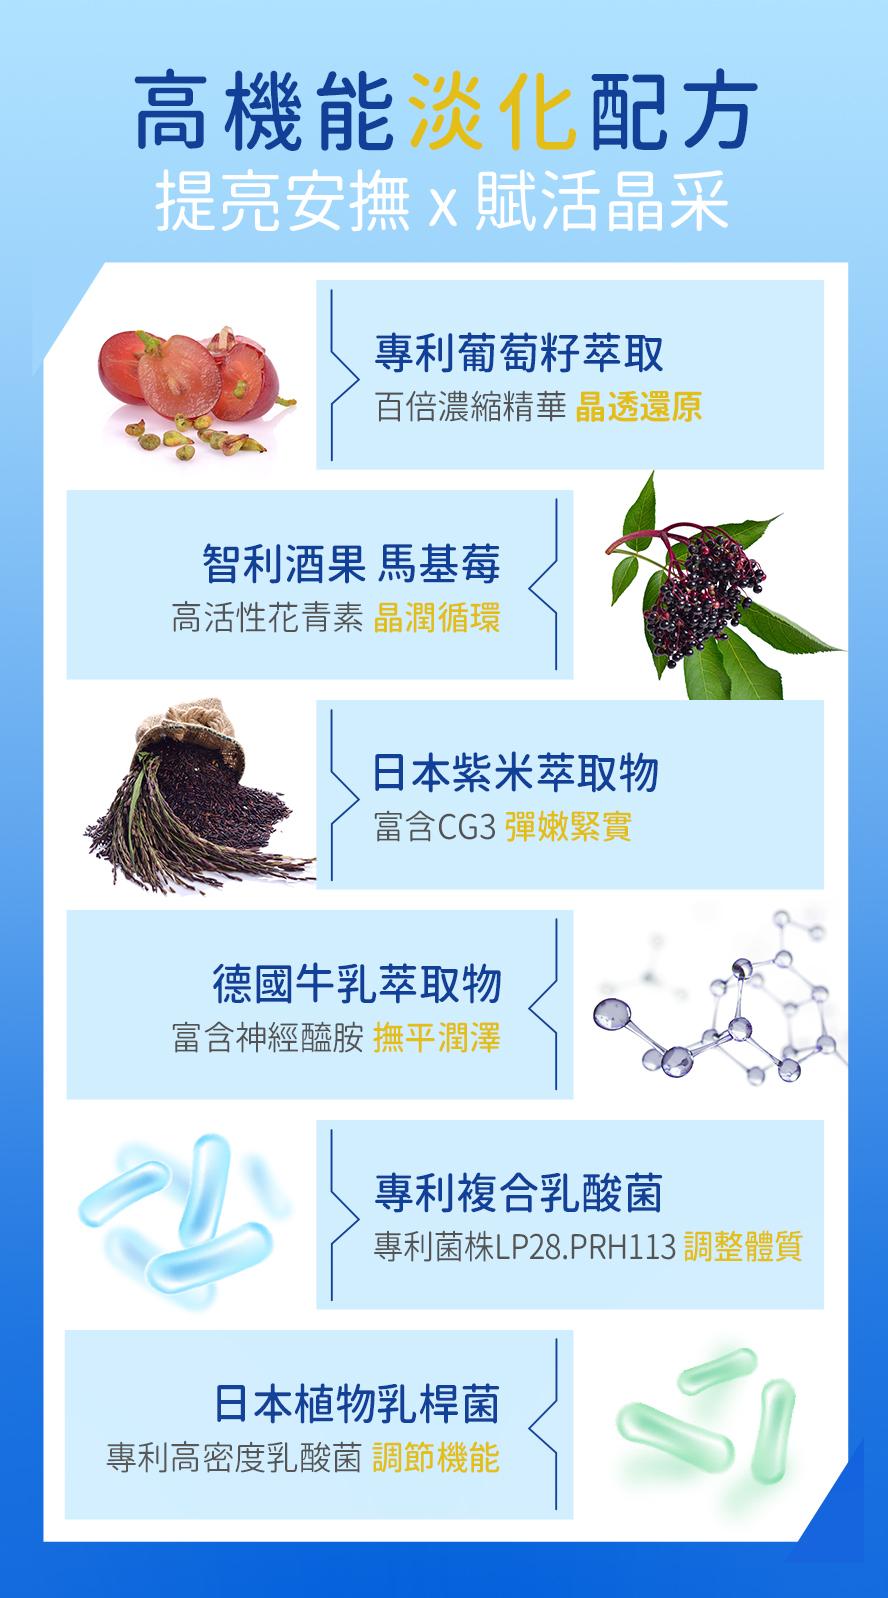 BHK's逆夜EX膠囊主成分為專利葡萄籽萃取、黑醋栗、德國牛乳萃取物、日本紫米萃取物。